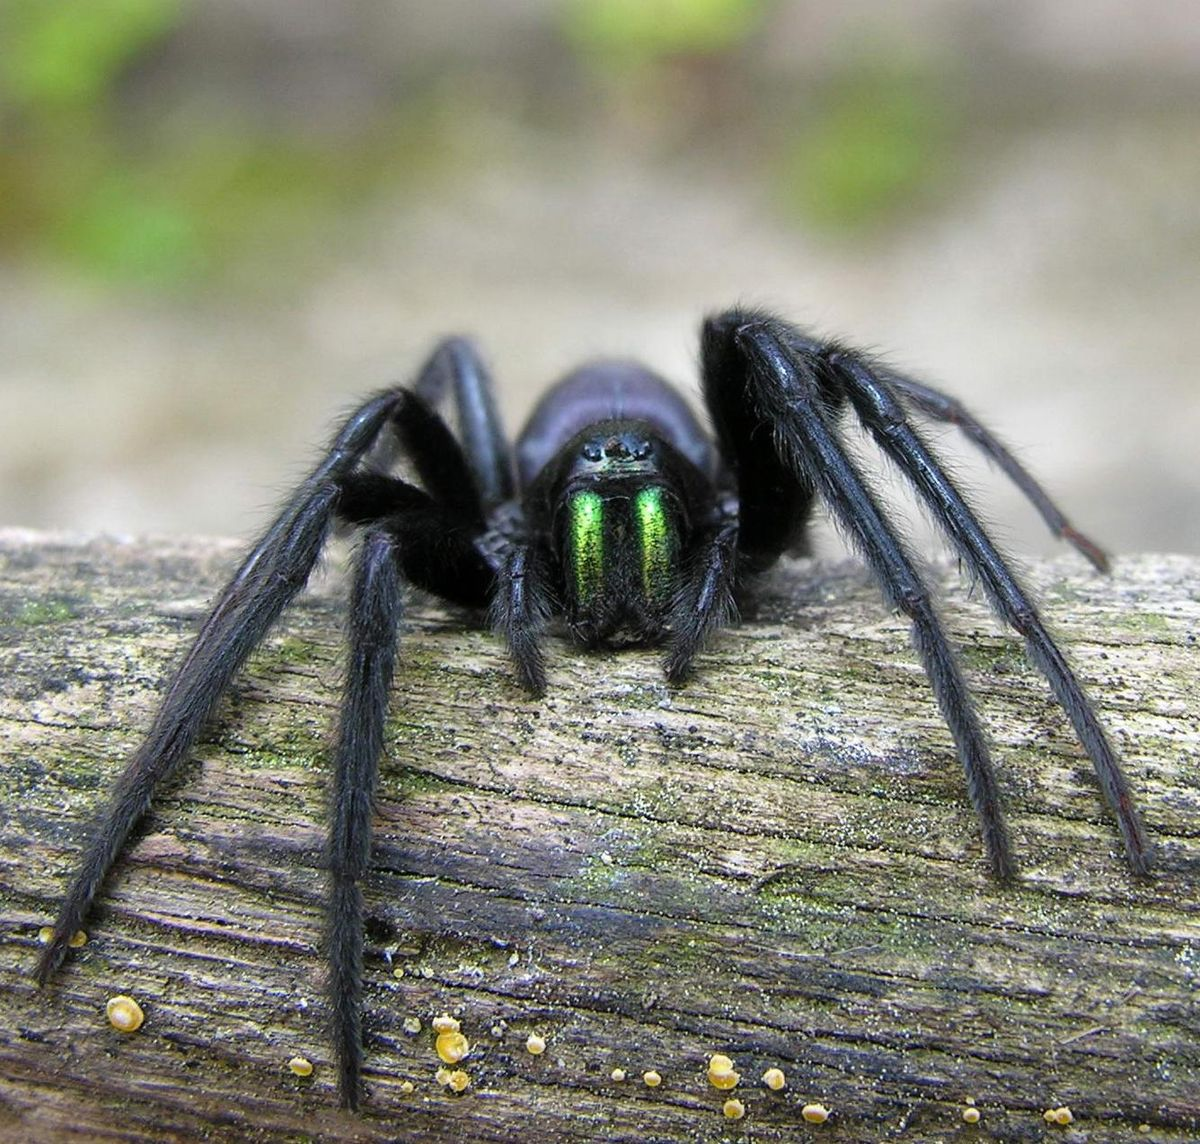 бабы бане погребной паук фото скажут только